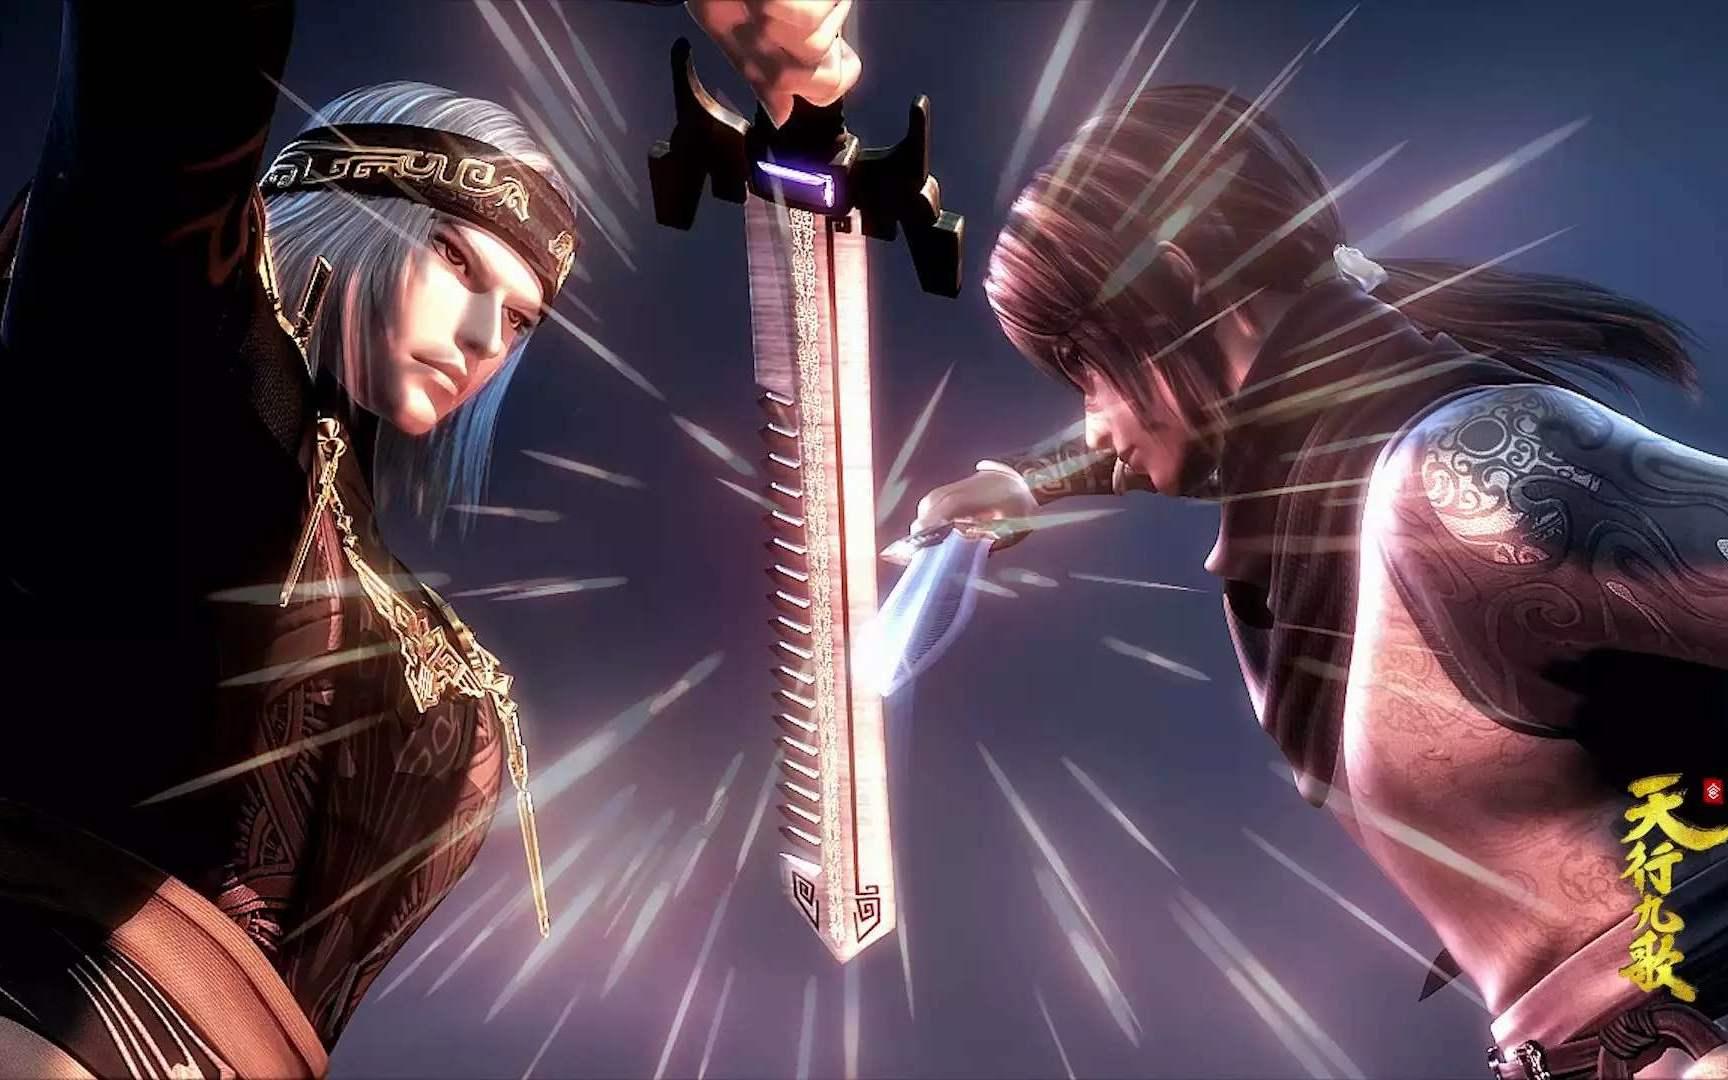 在剑术造诣已经同级别的卫庄,为什么还是无法战胜盖聂?_秦时